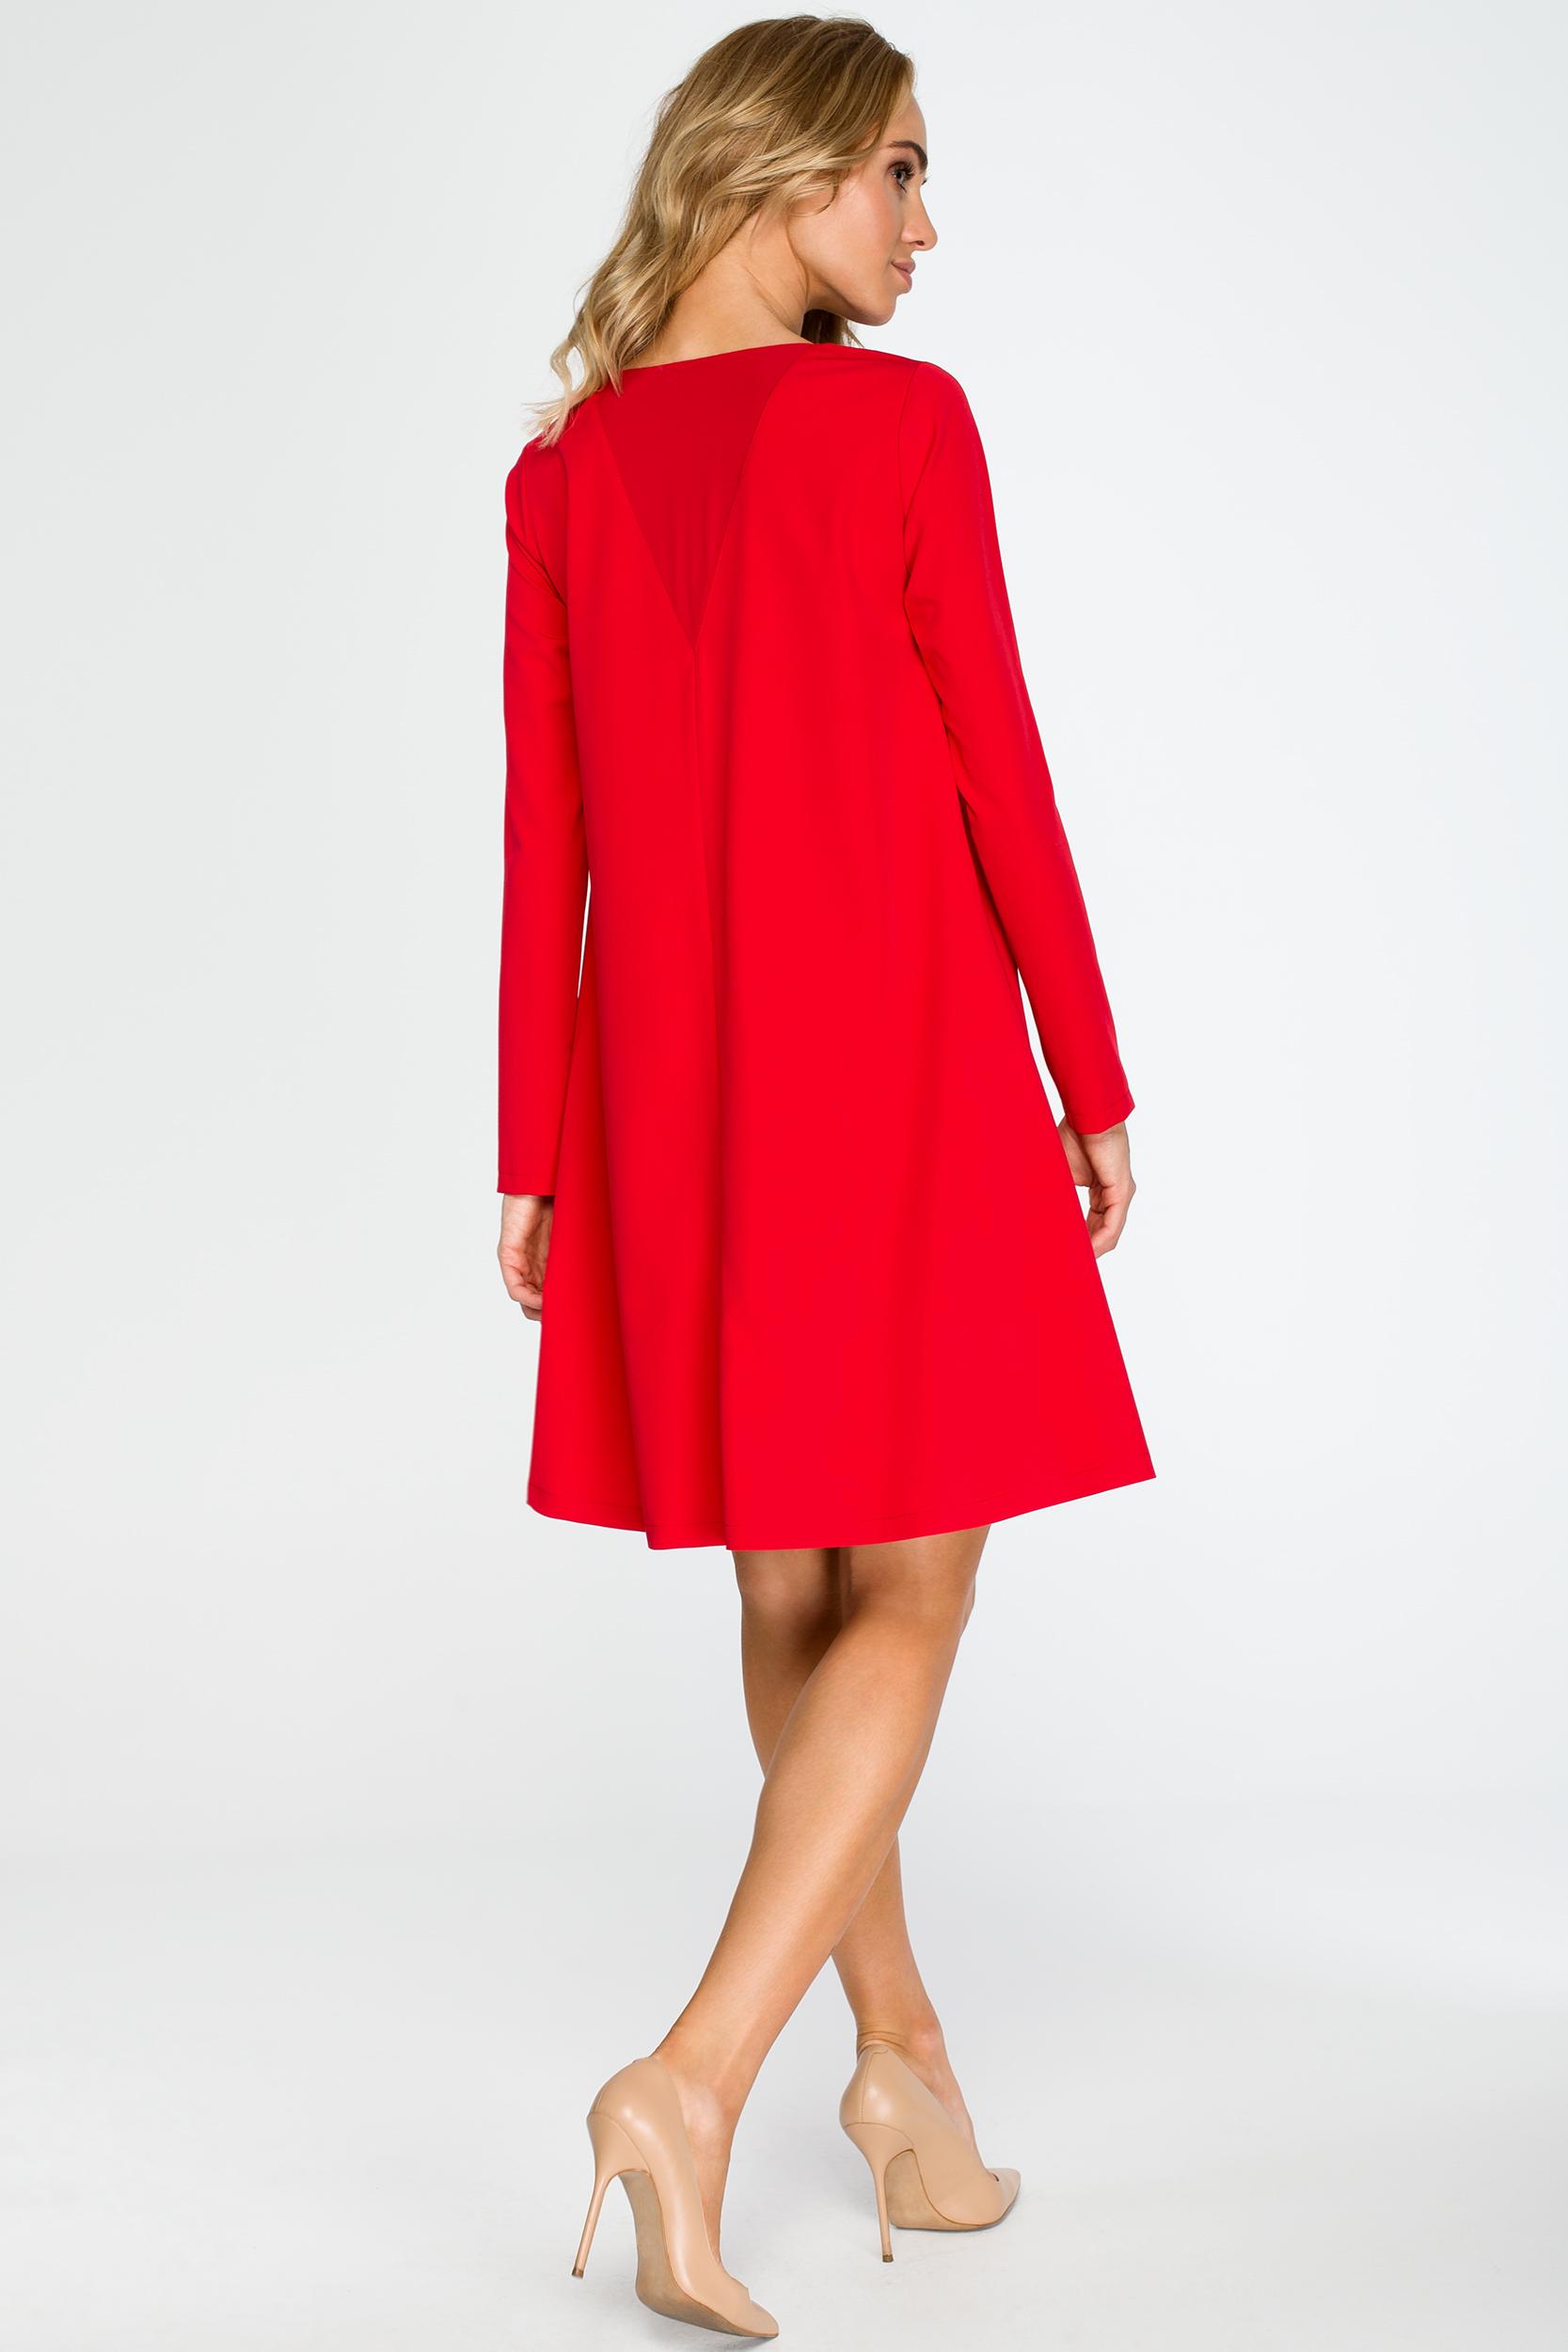 2097e9b8b2 Elegancka luźna sukienka z kieszeniami czerwona - wysyłka już od 5